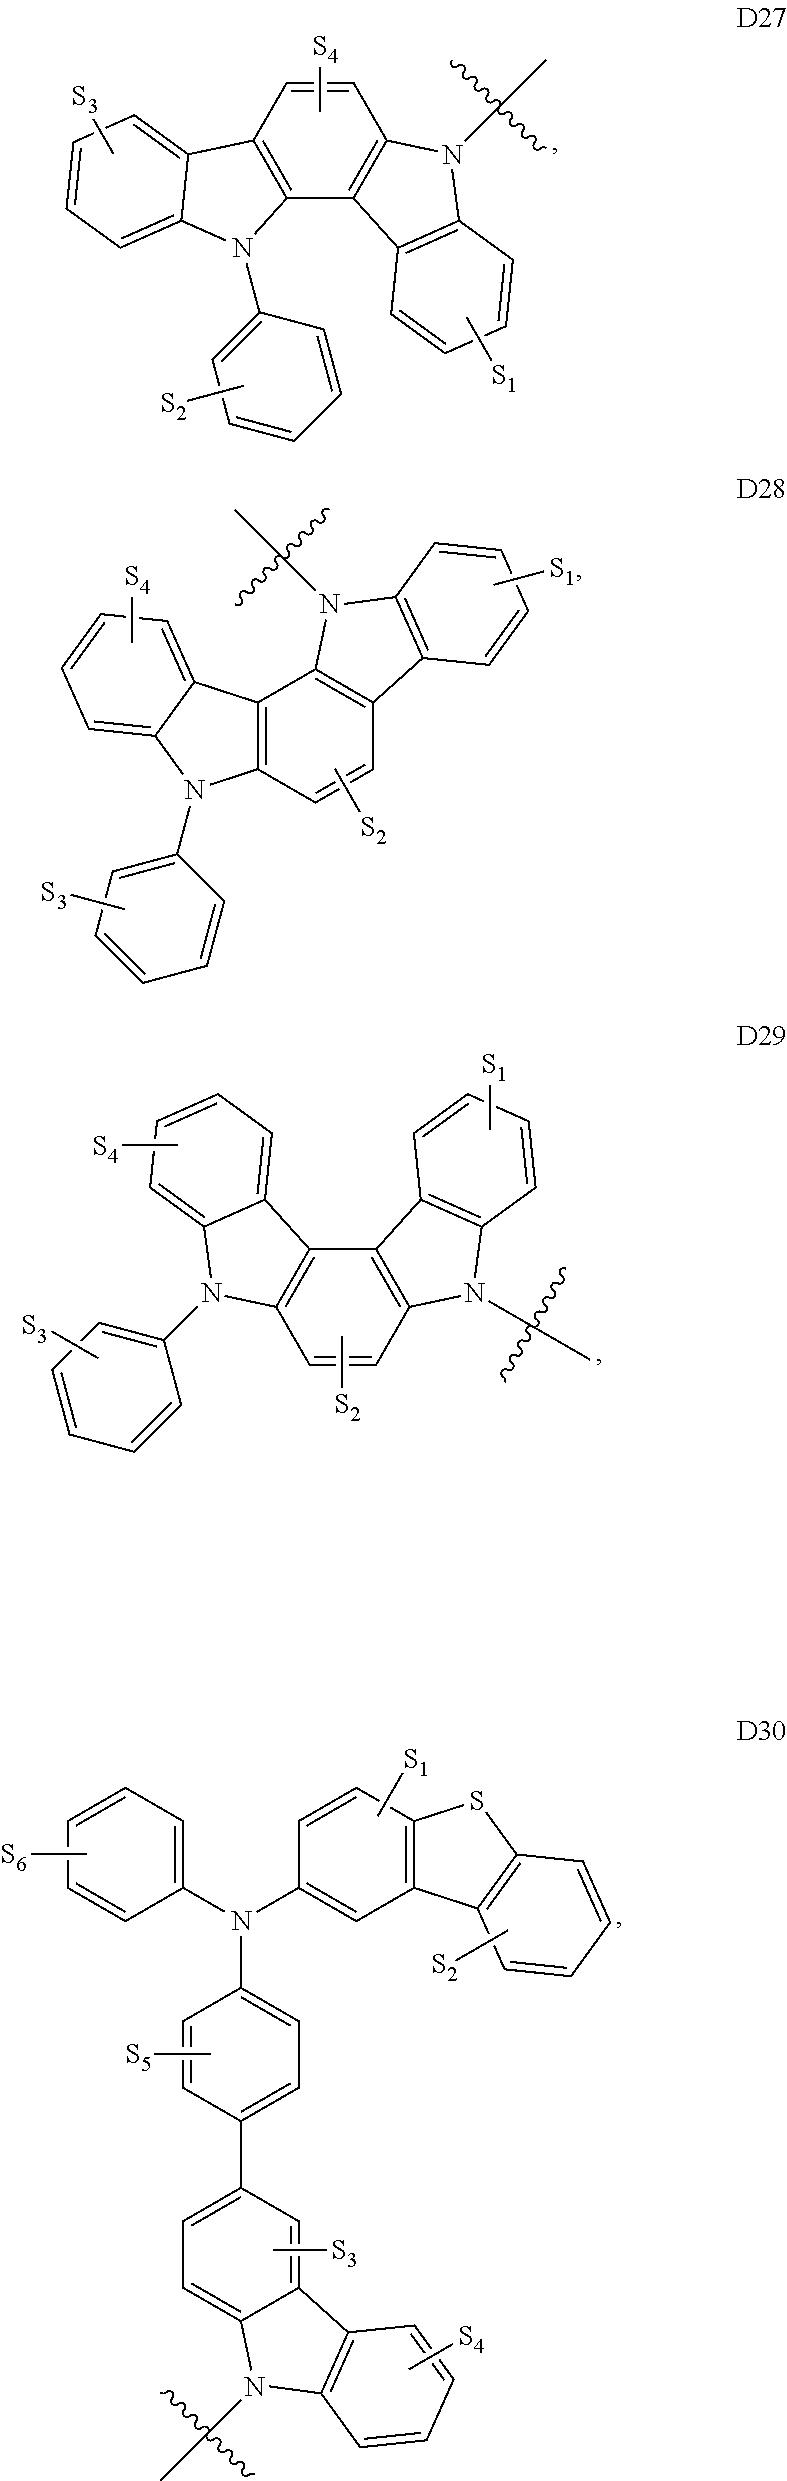 Figure US09324949-20160426-C00054